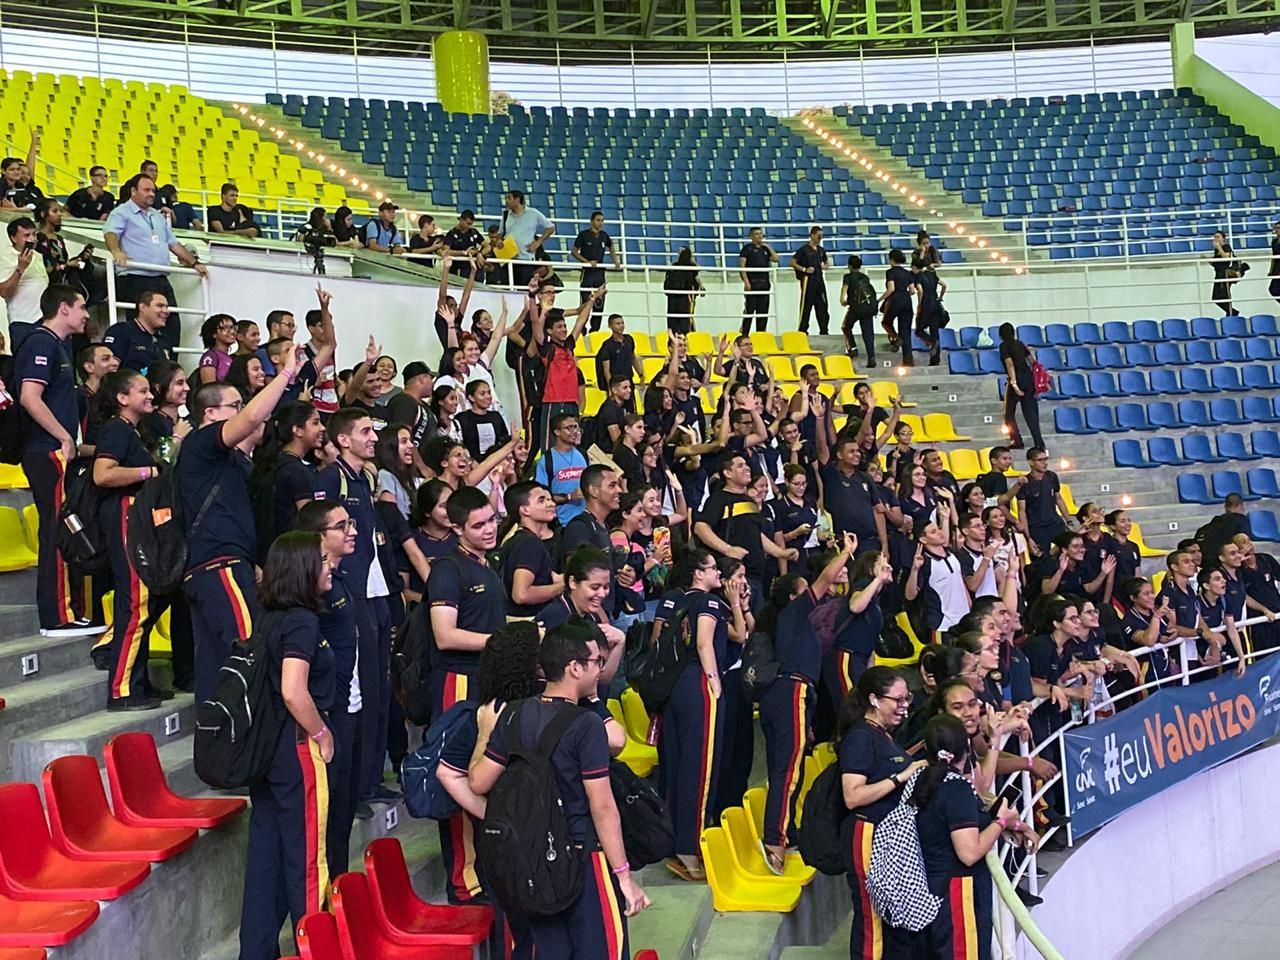 Com mais de 2 mil alunos, Aulão na Rede 2019 encerra edição com dicas e música para prova do Enem - Notícias - Plantão Diário